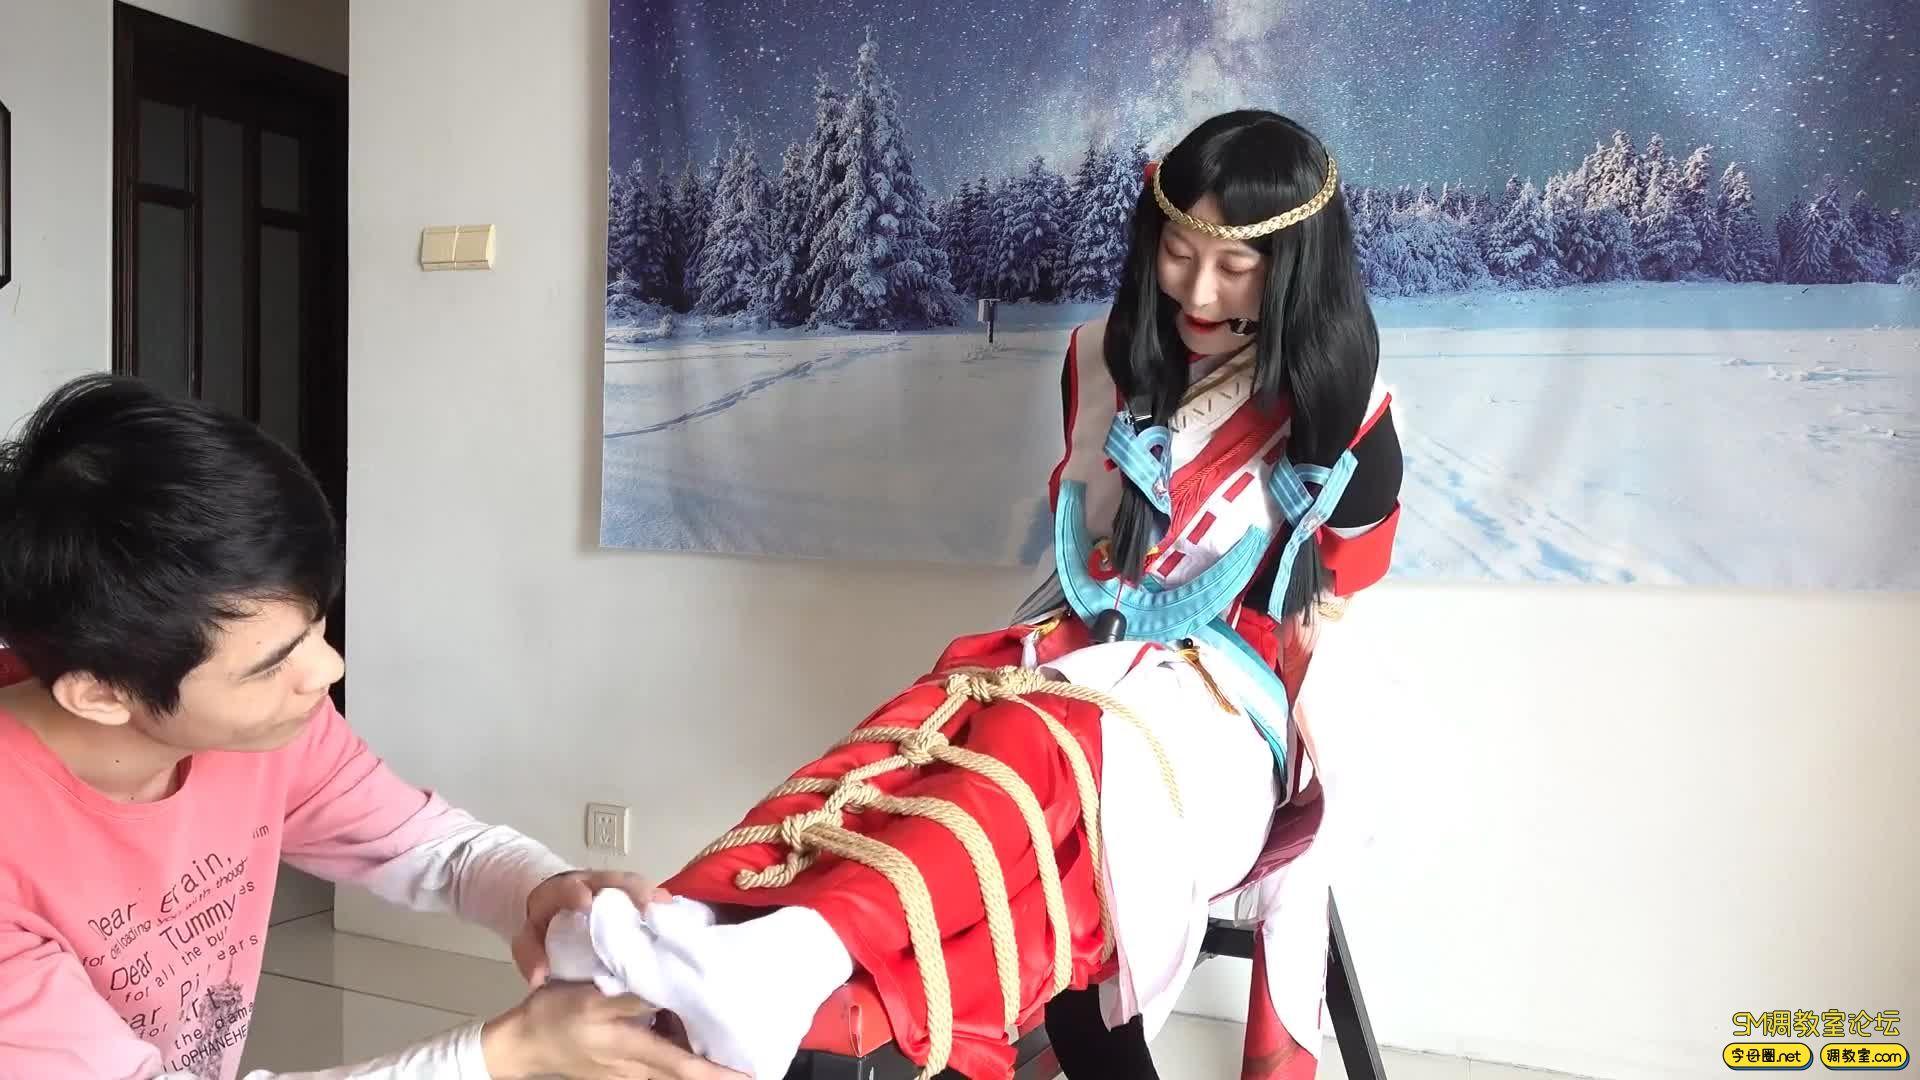 【自己做主】【cosplay TK】 新人妹子八百比丘尼TK-视频截图5